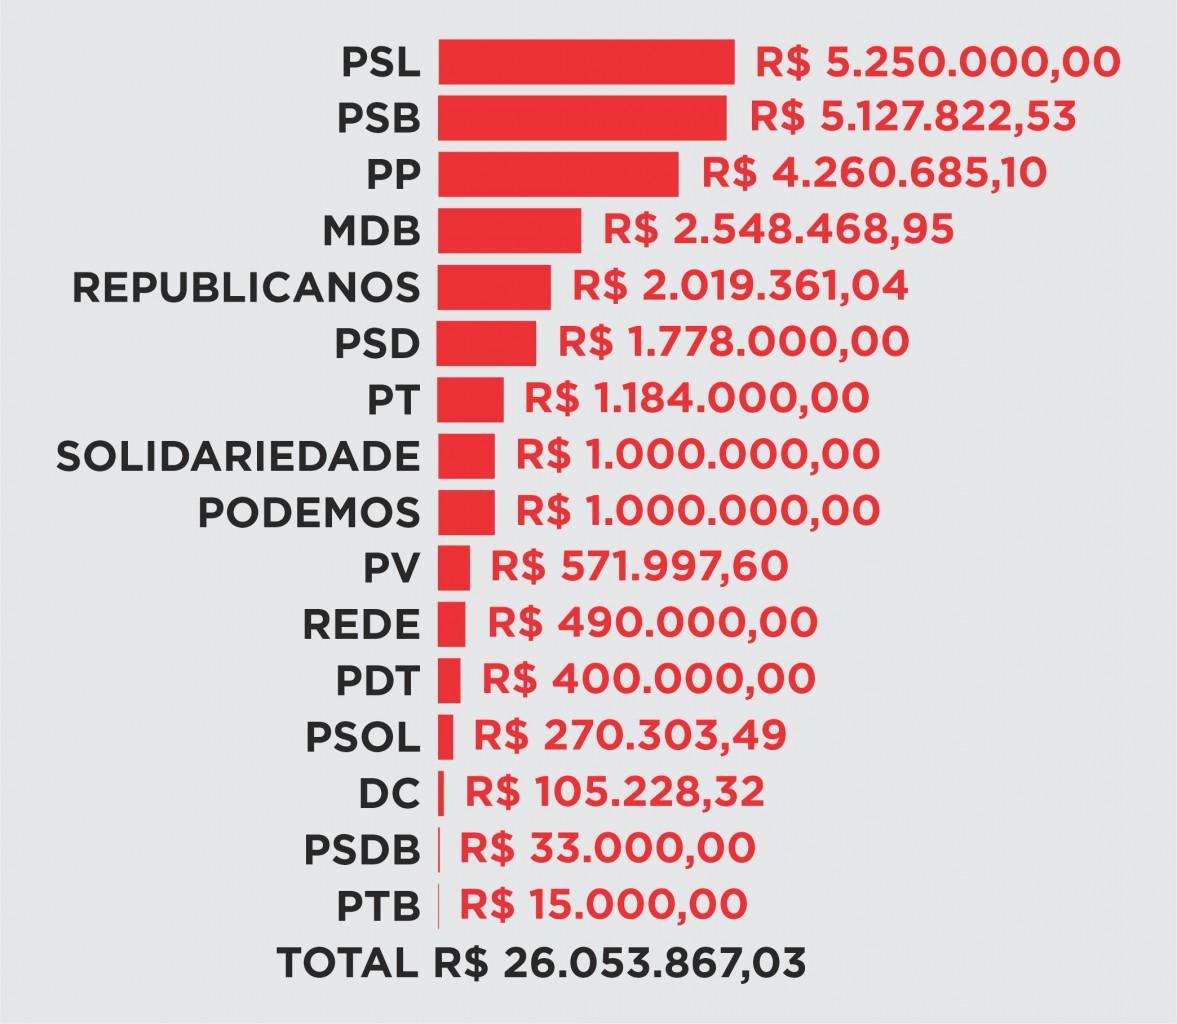 FUNDO DE CAMPANHA - FUNDO ELEITORAL: Partidos declaram à Justiça Eleitoral ter recebido mais de R$ 26 milhões para campanha na Paraíba